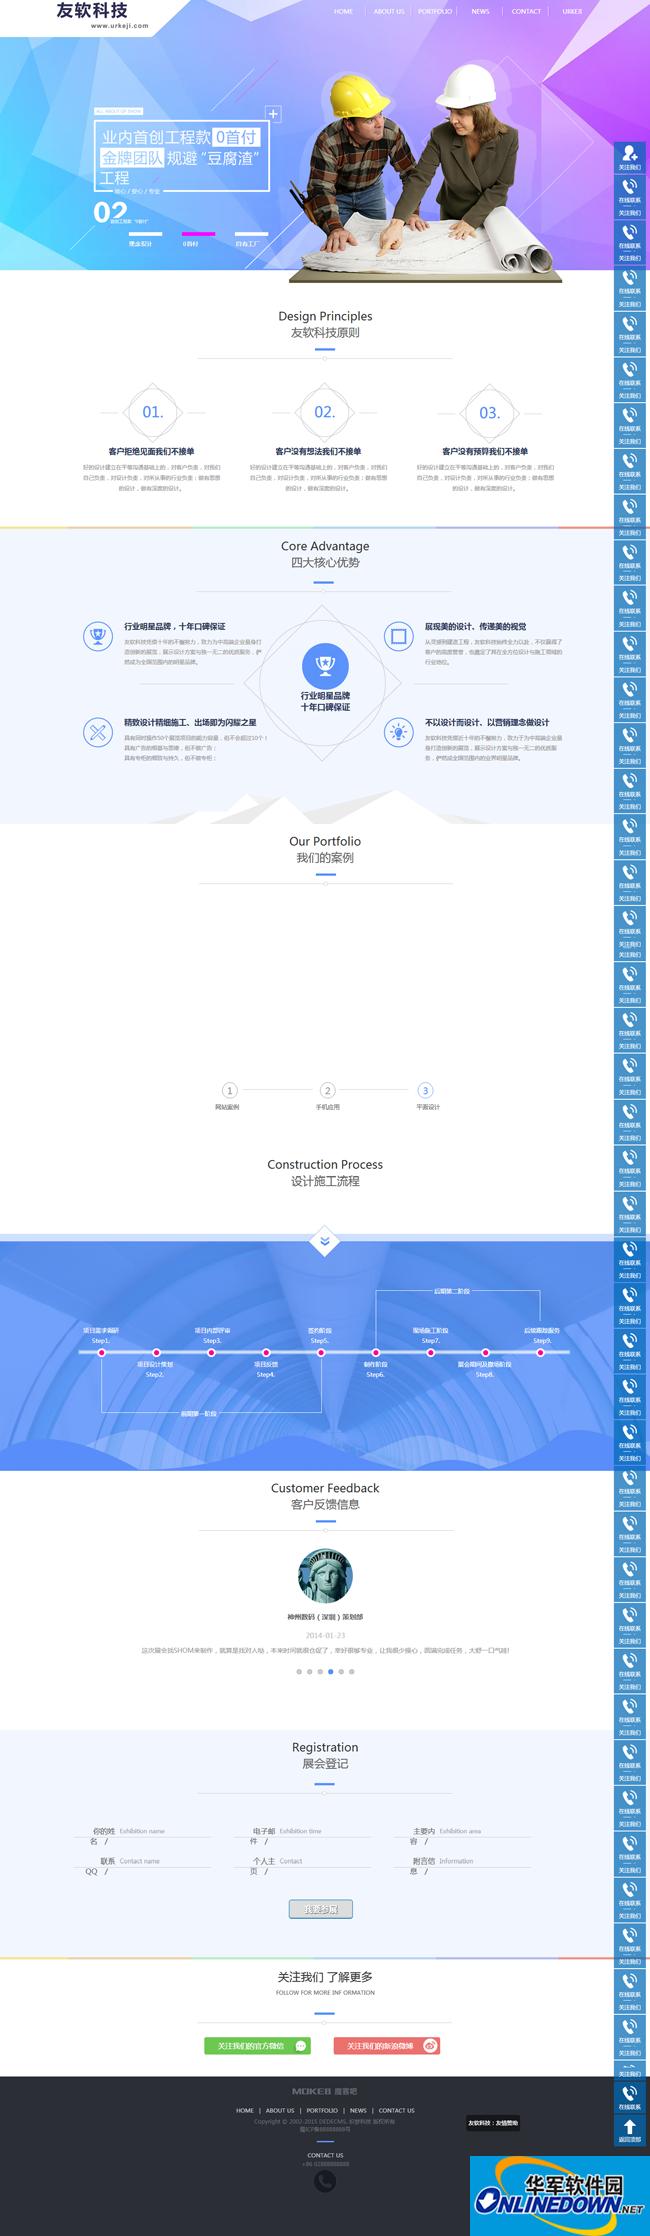 织梦内核企业营销型网站通用版